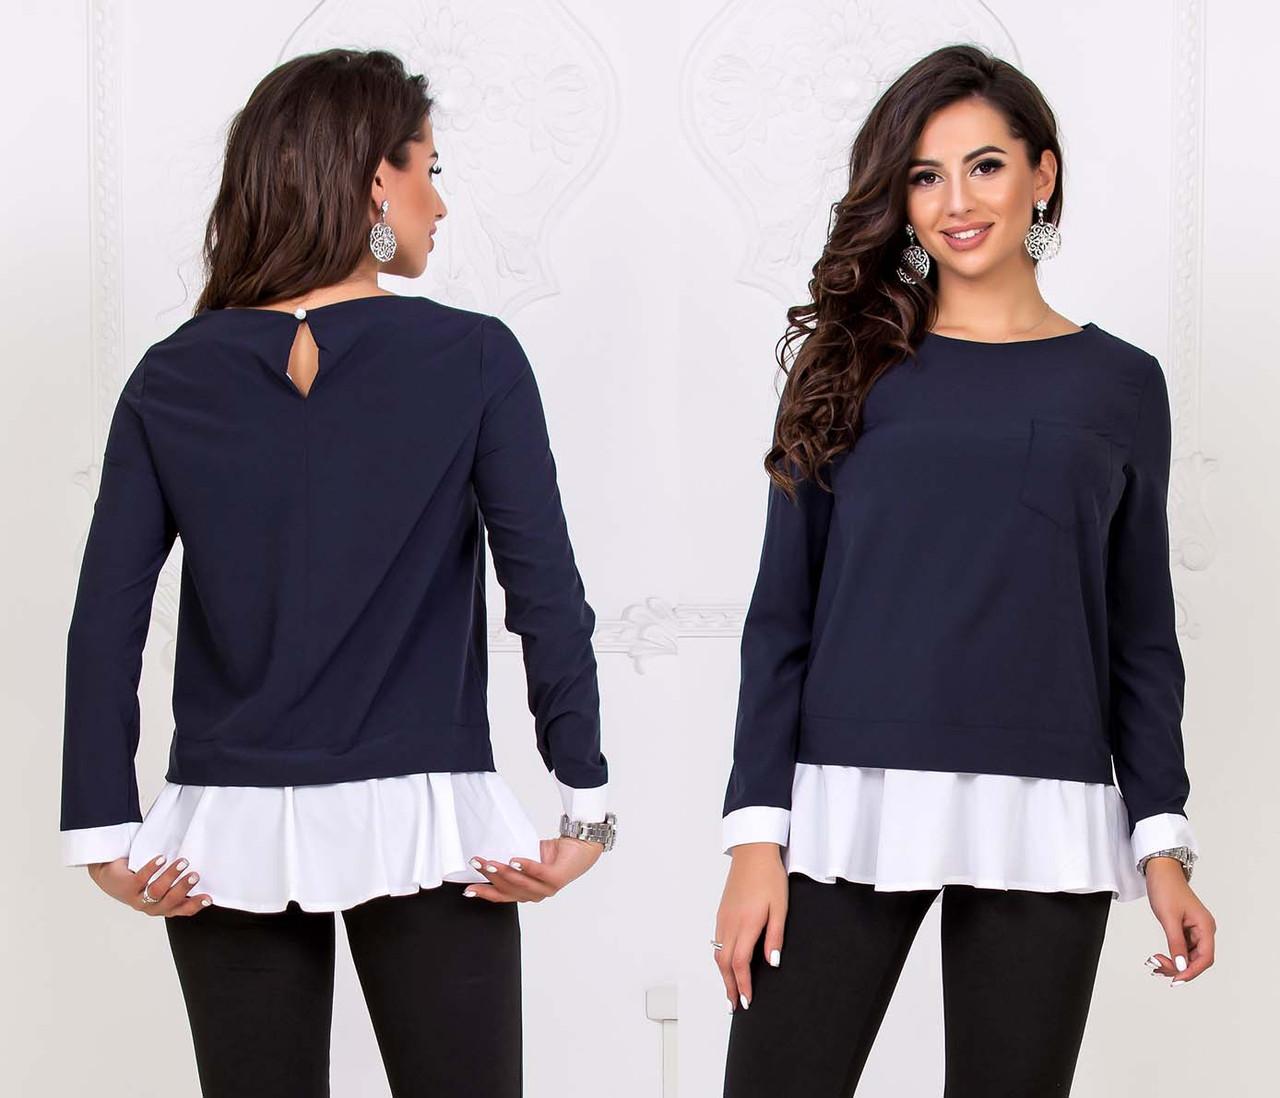 """Женская стильная блузка-туника до больших размеров 41115 """"Софт Оборка Контраст"""""""